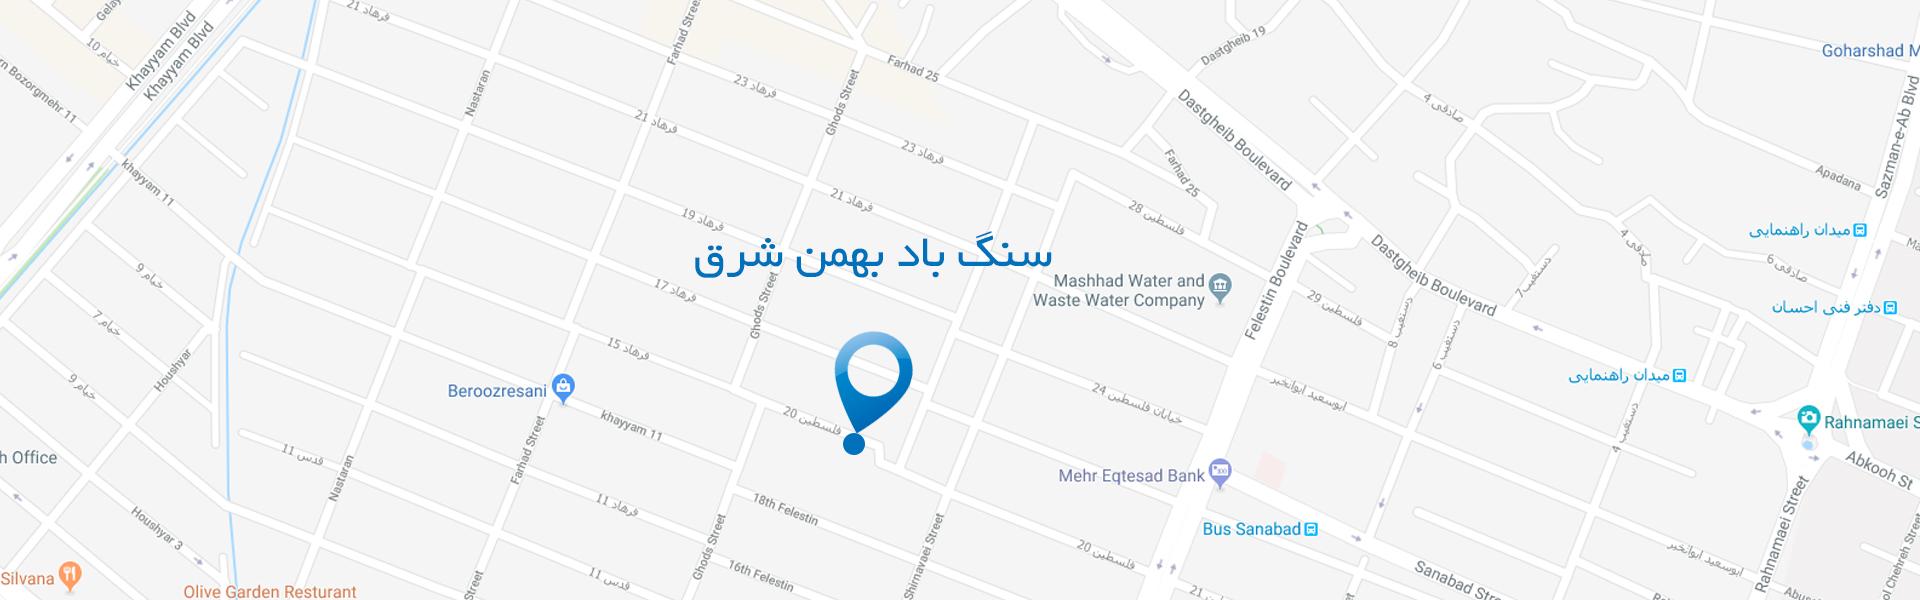 ادرس سنگ باد بهمن شرق